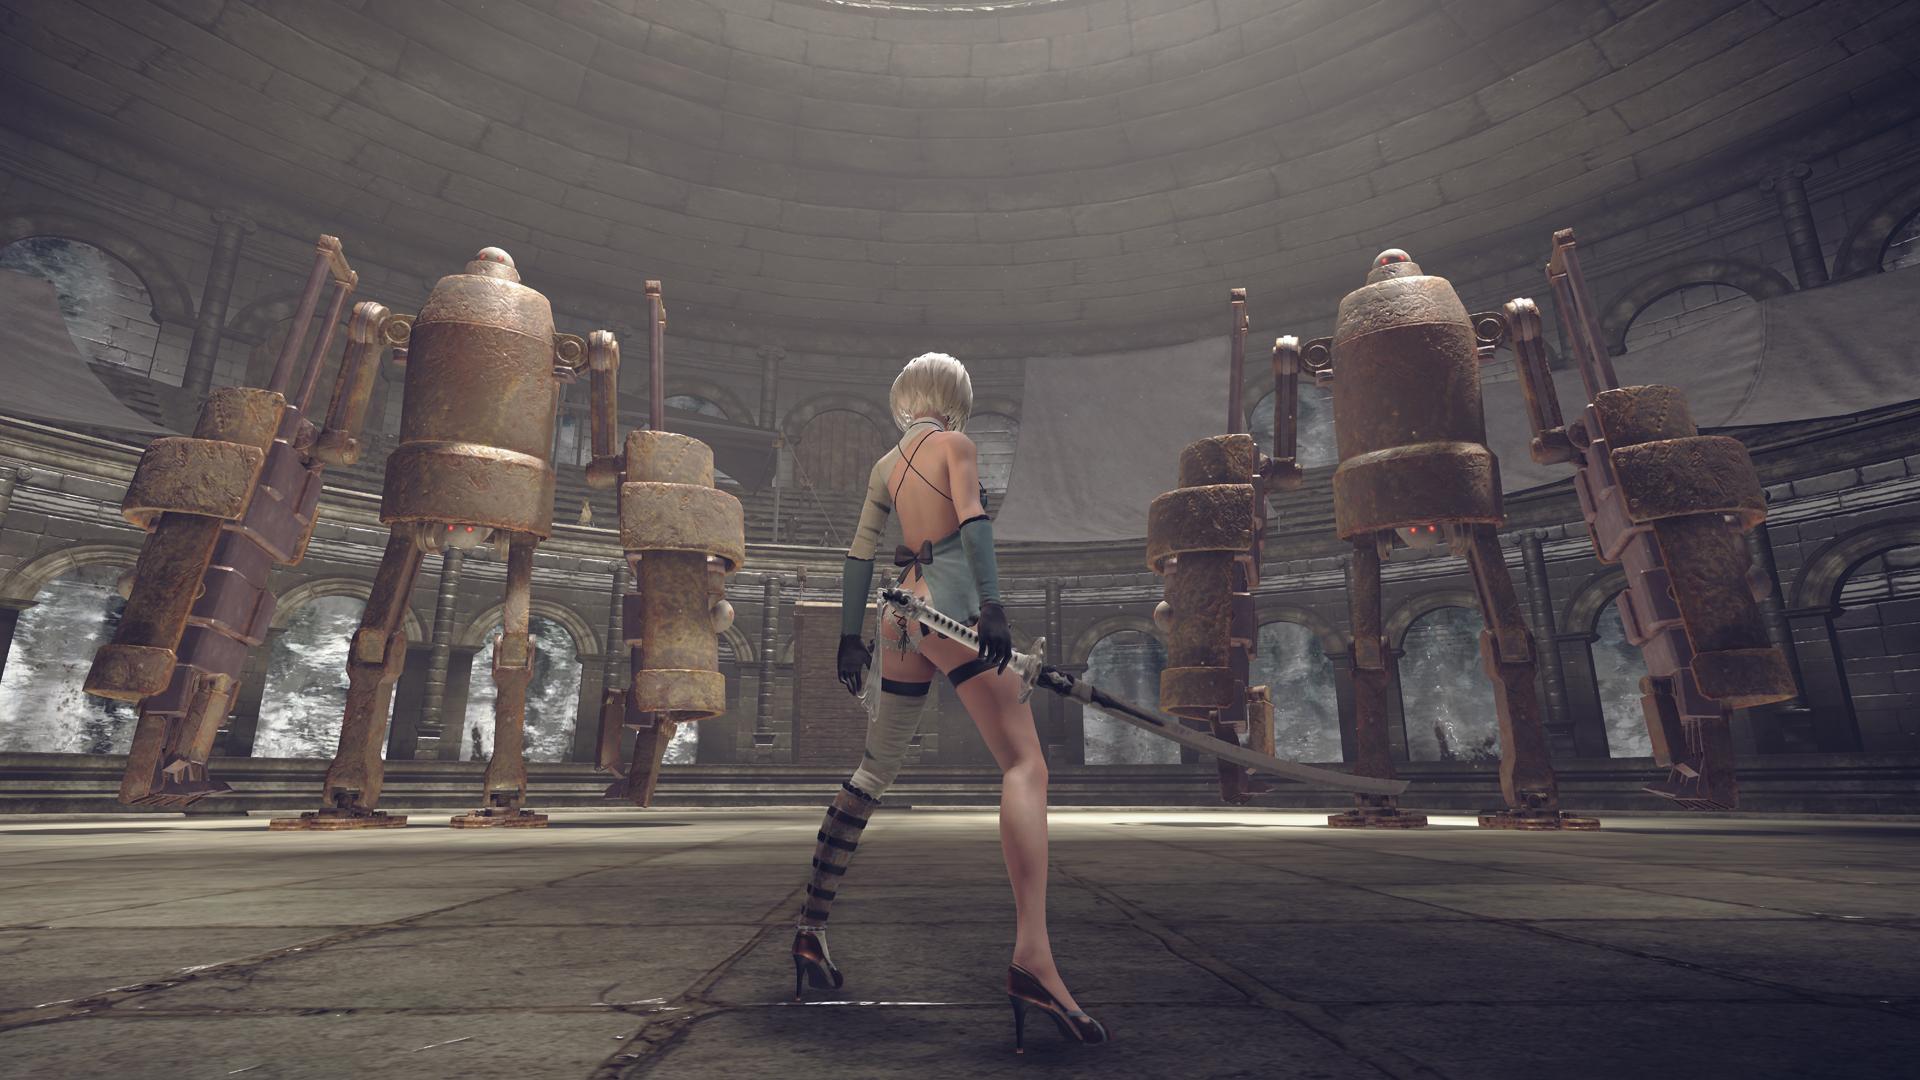 El proximo DLC de Nier: Automata trae más de lo que todos quieren ver [Dat Ass]